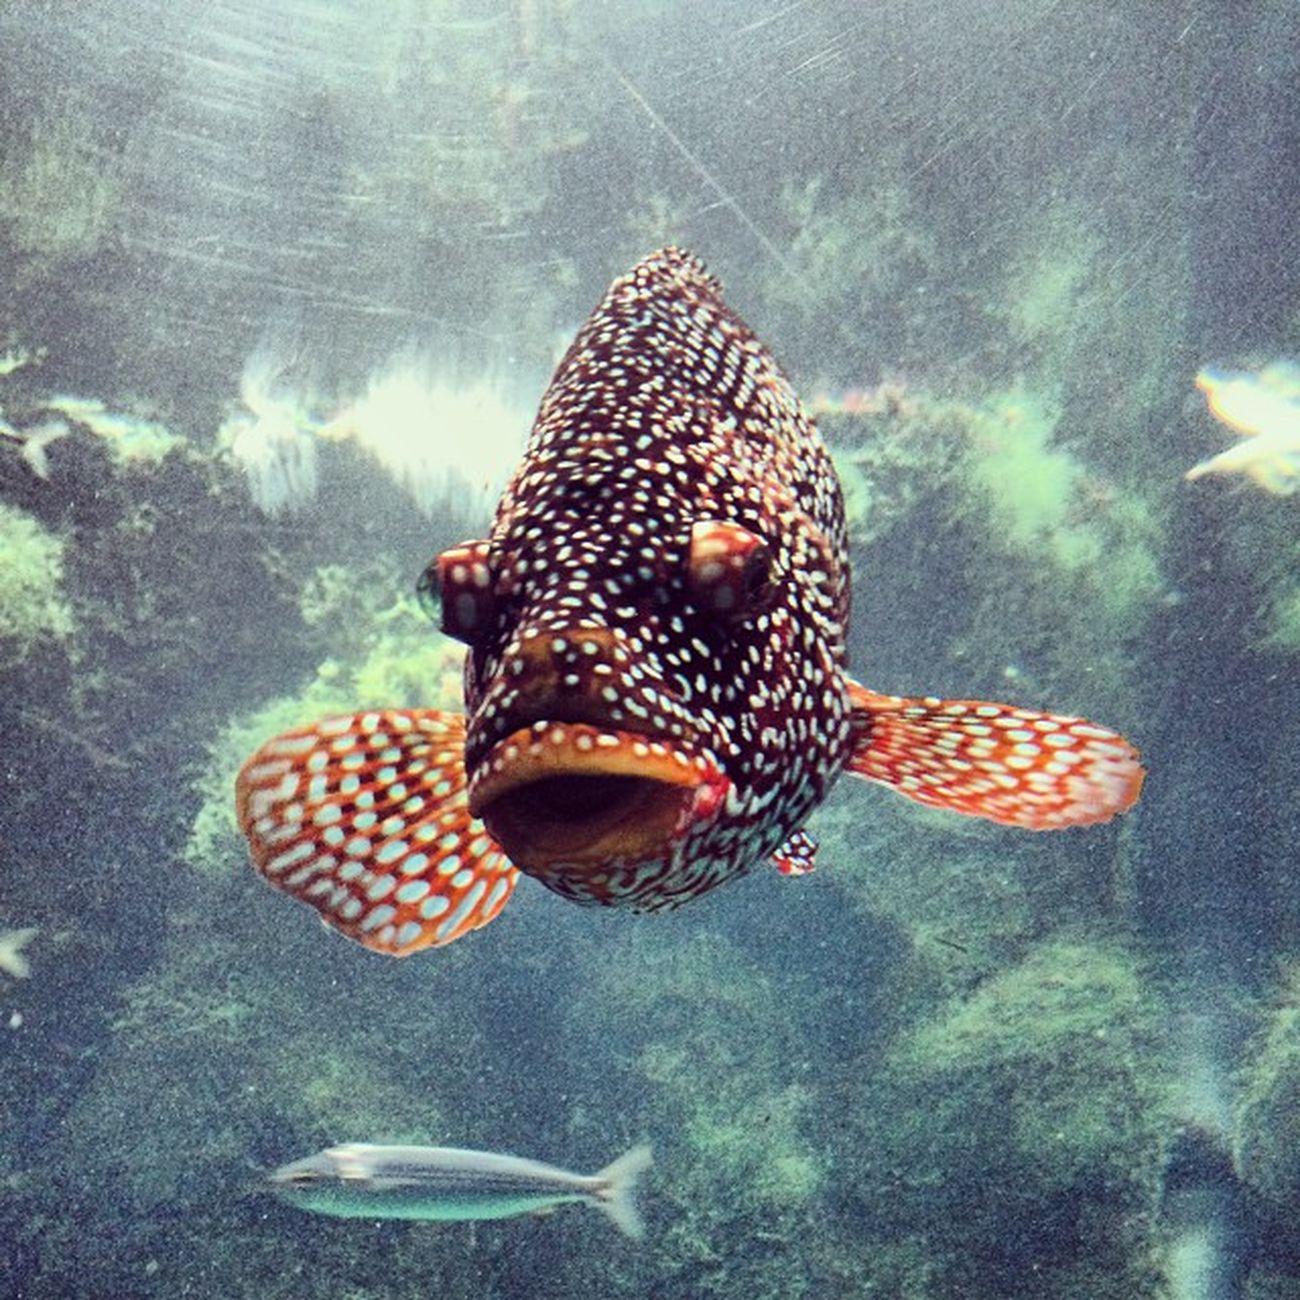 Aquarium Acoruña Thebigescape